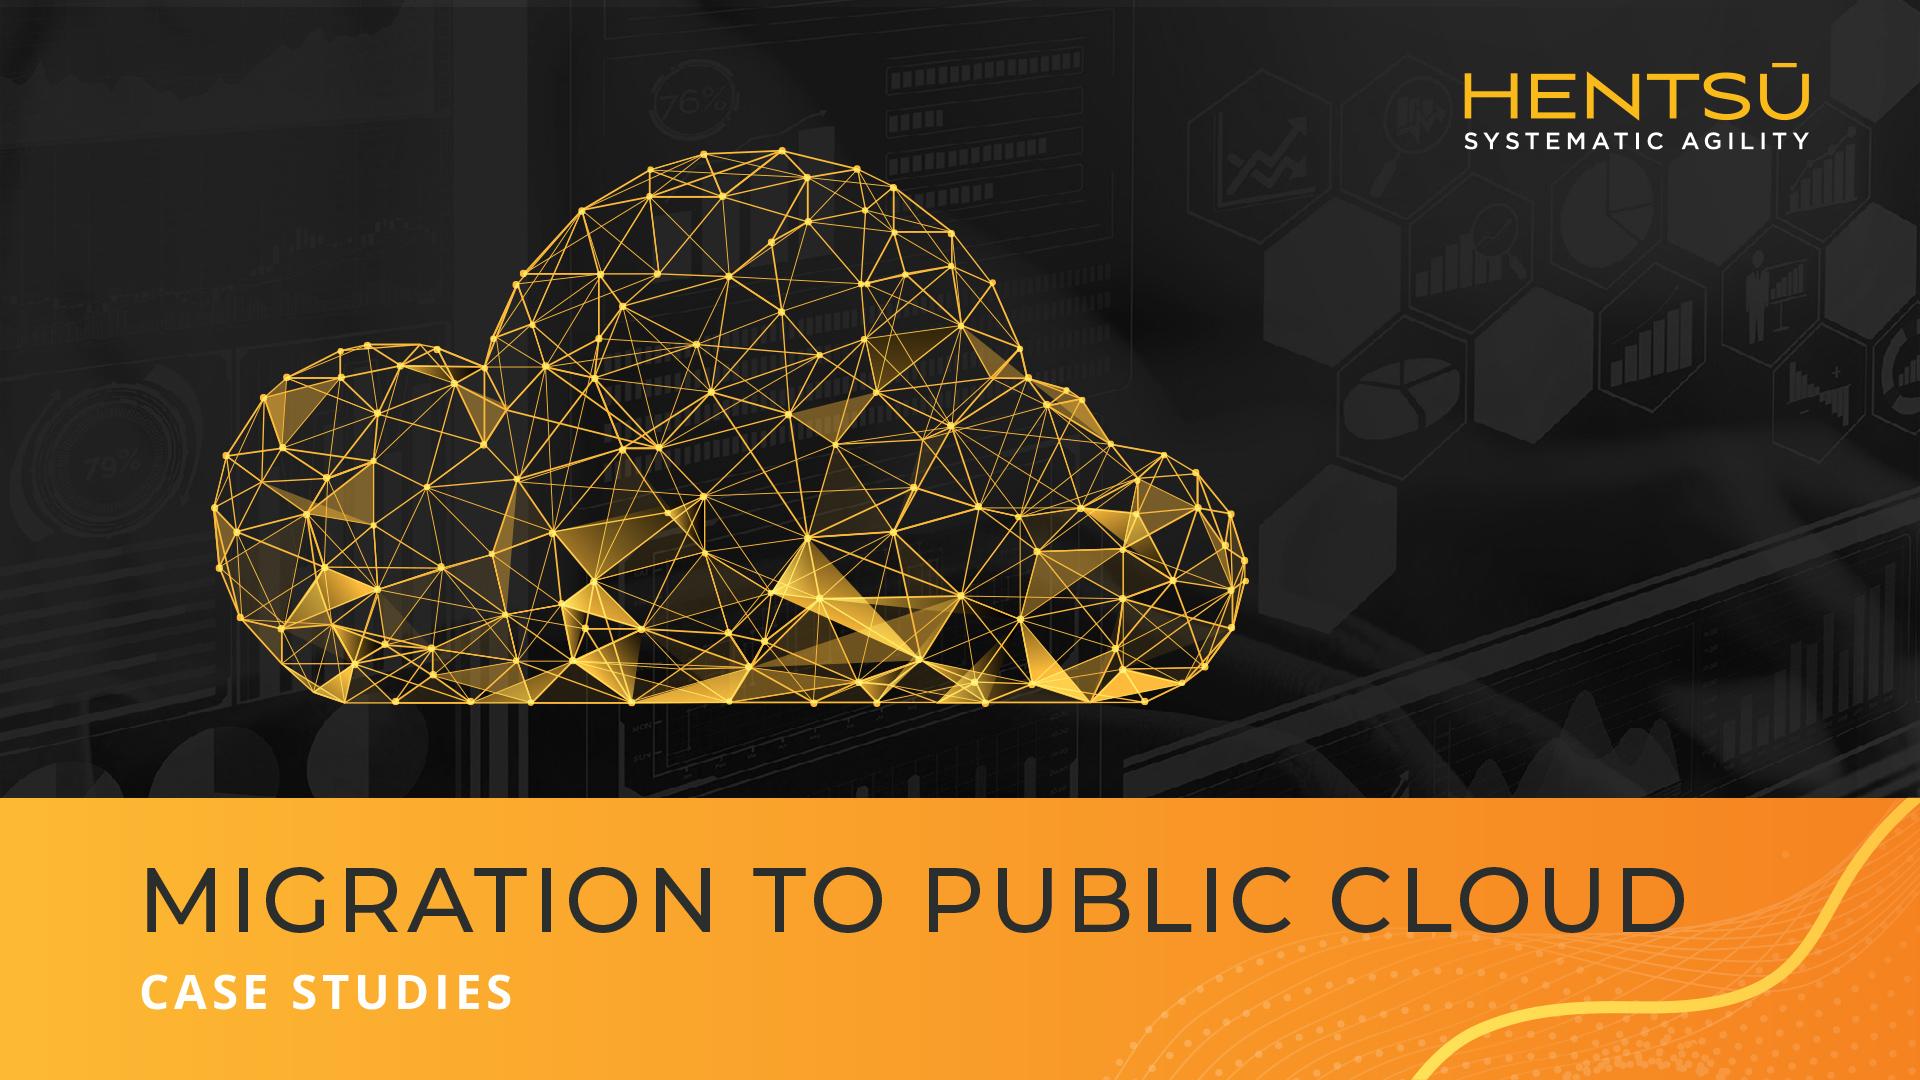 Migration-to-Public-Cloud-Case-Studies-1